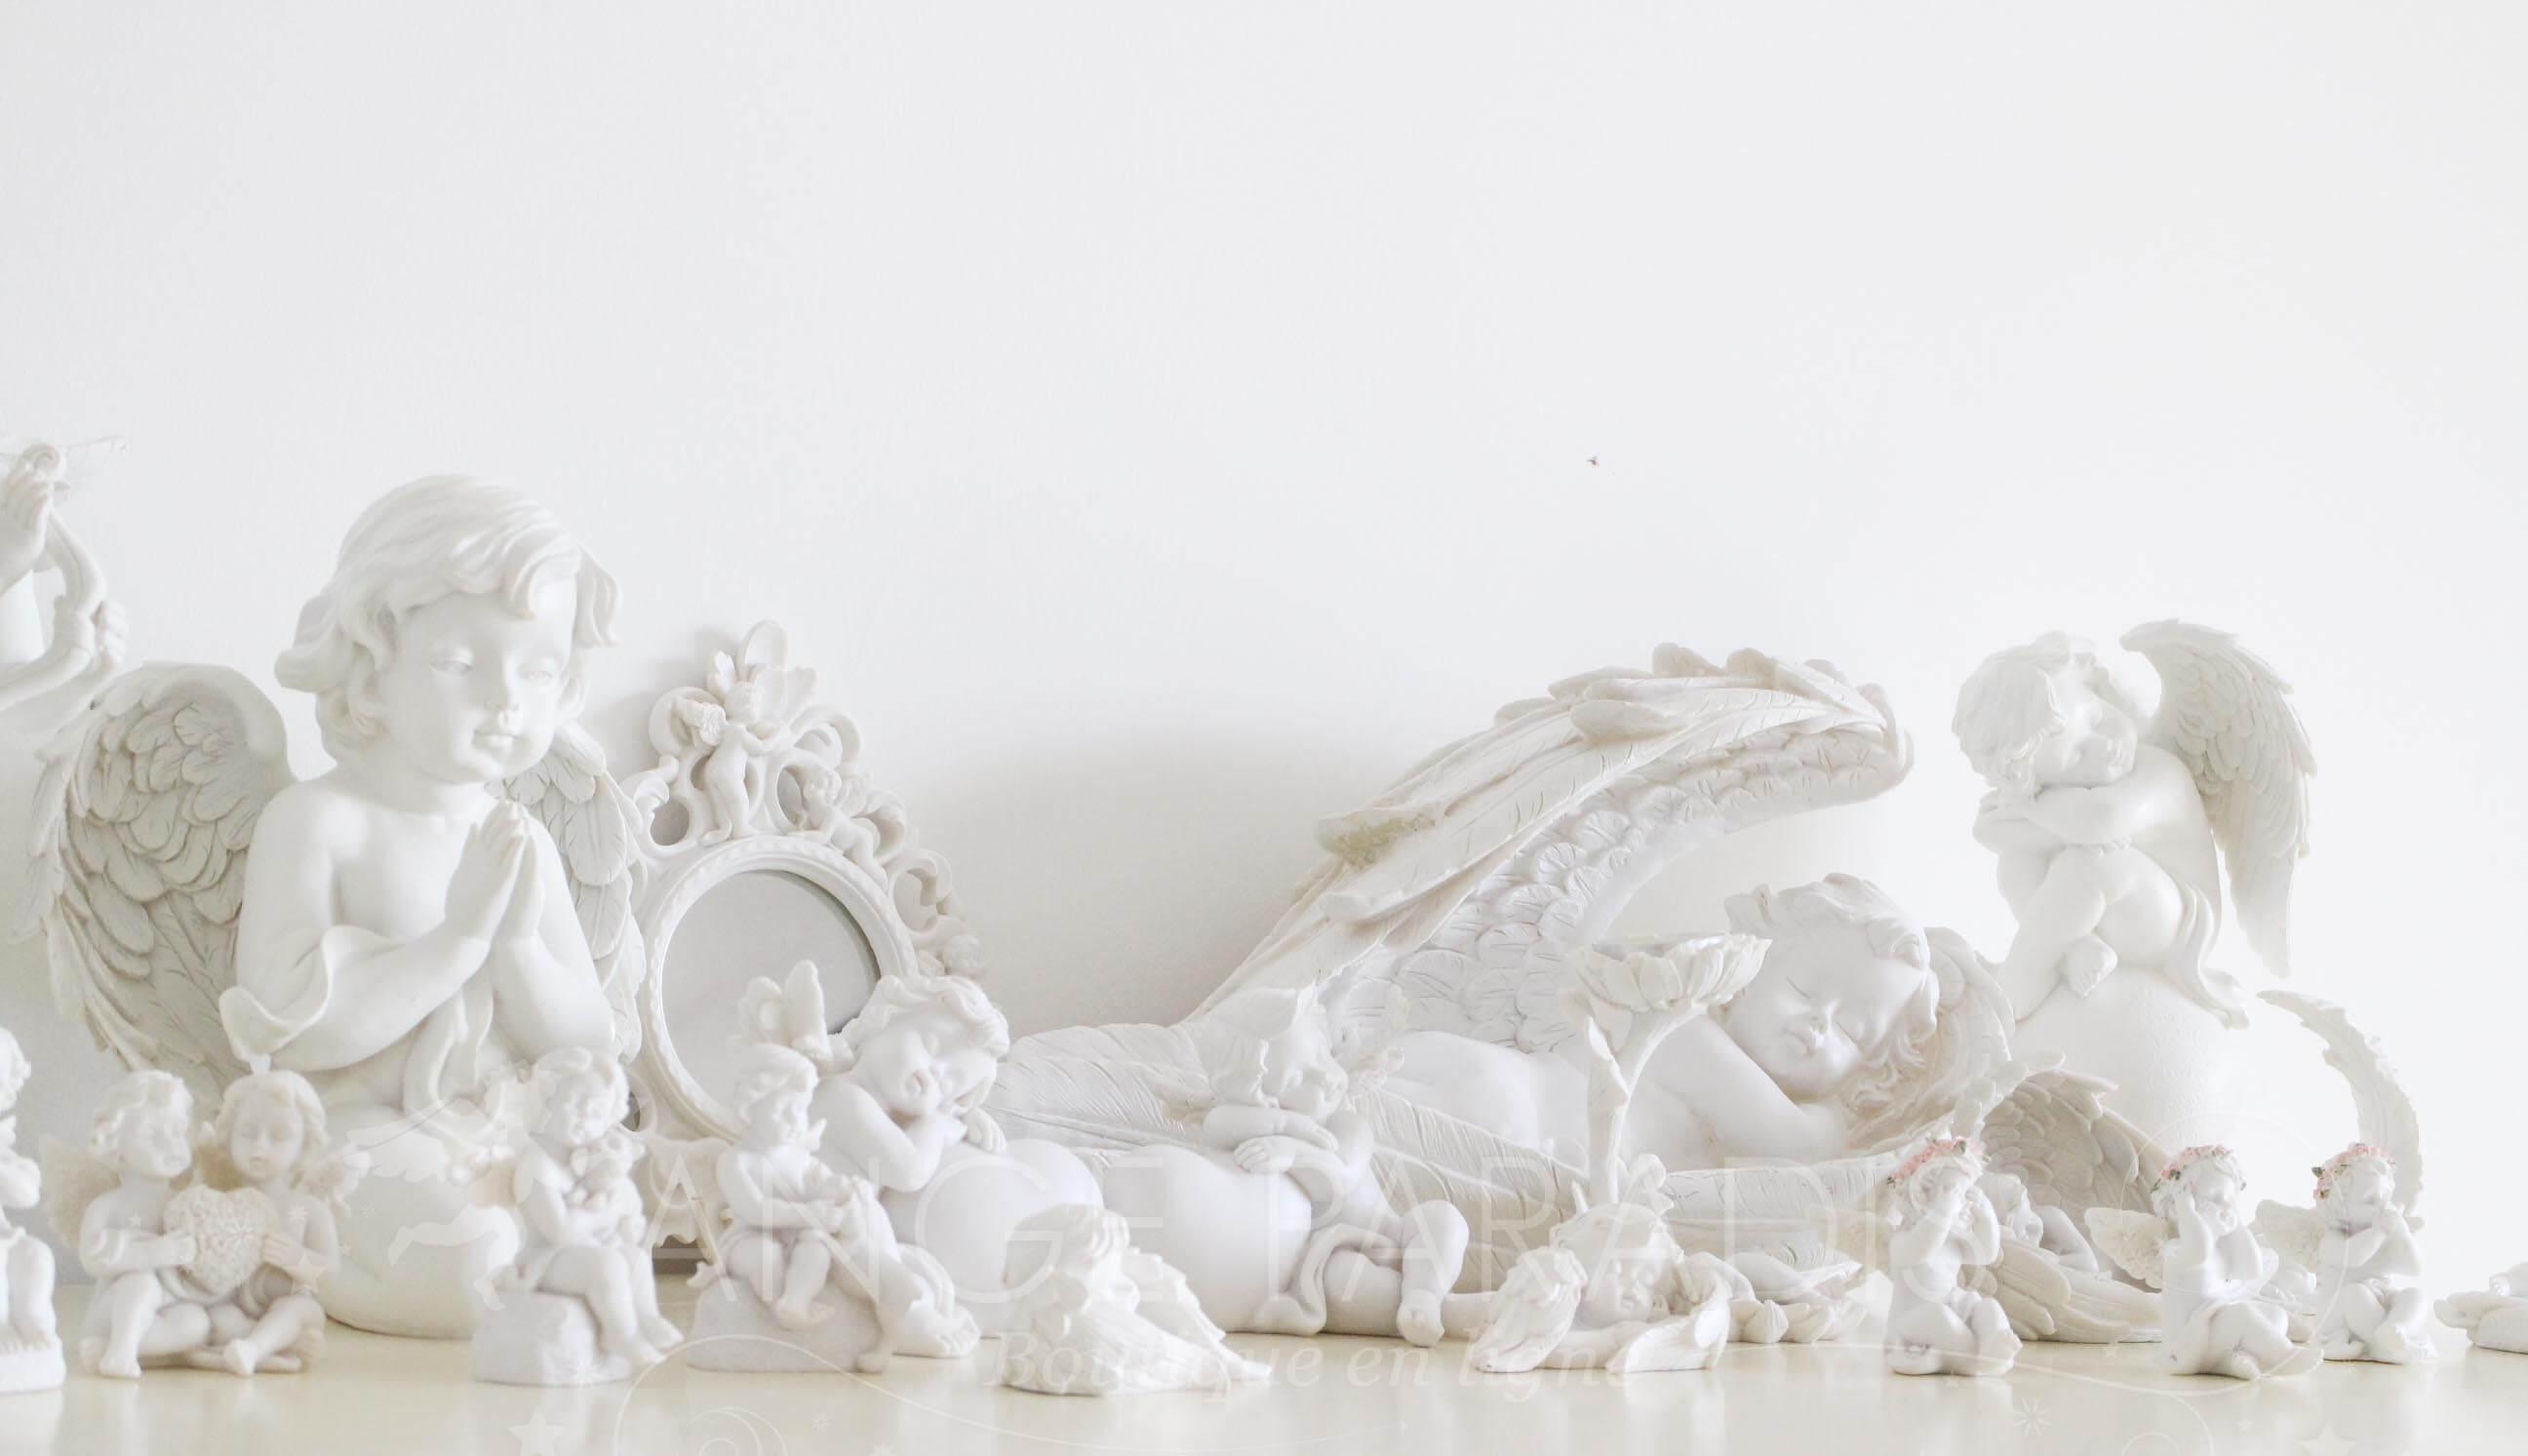 Des belles sculptures spirituelles, sculpture angélique